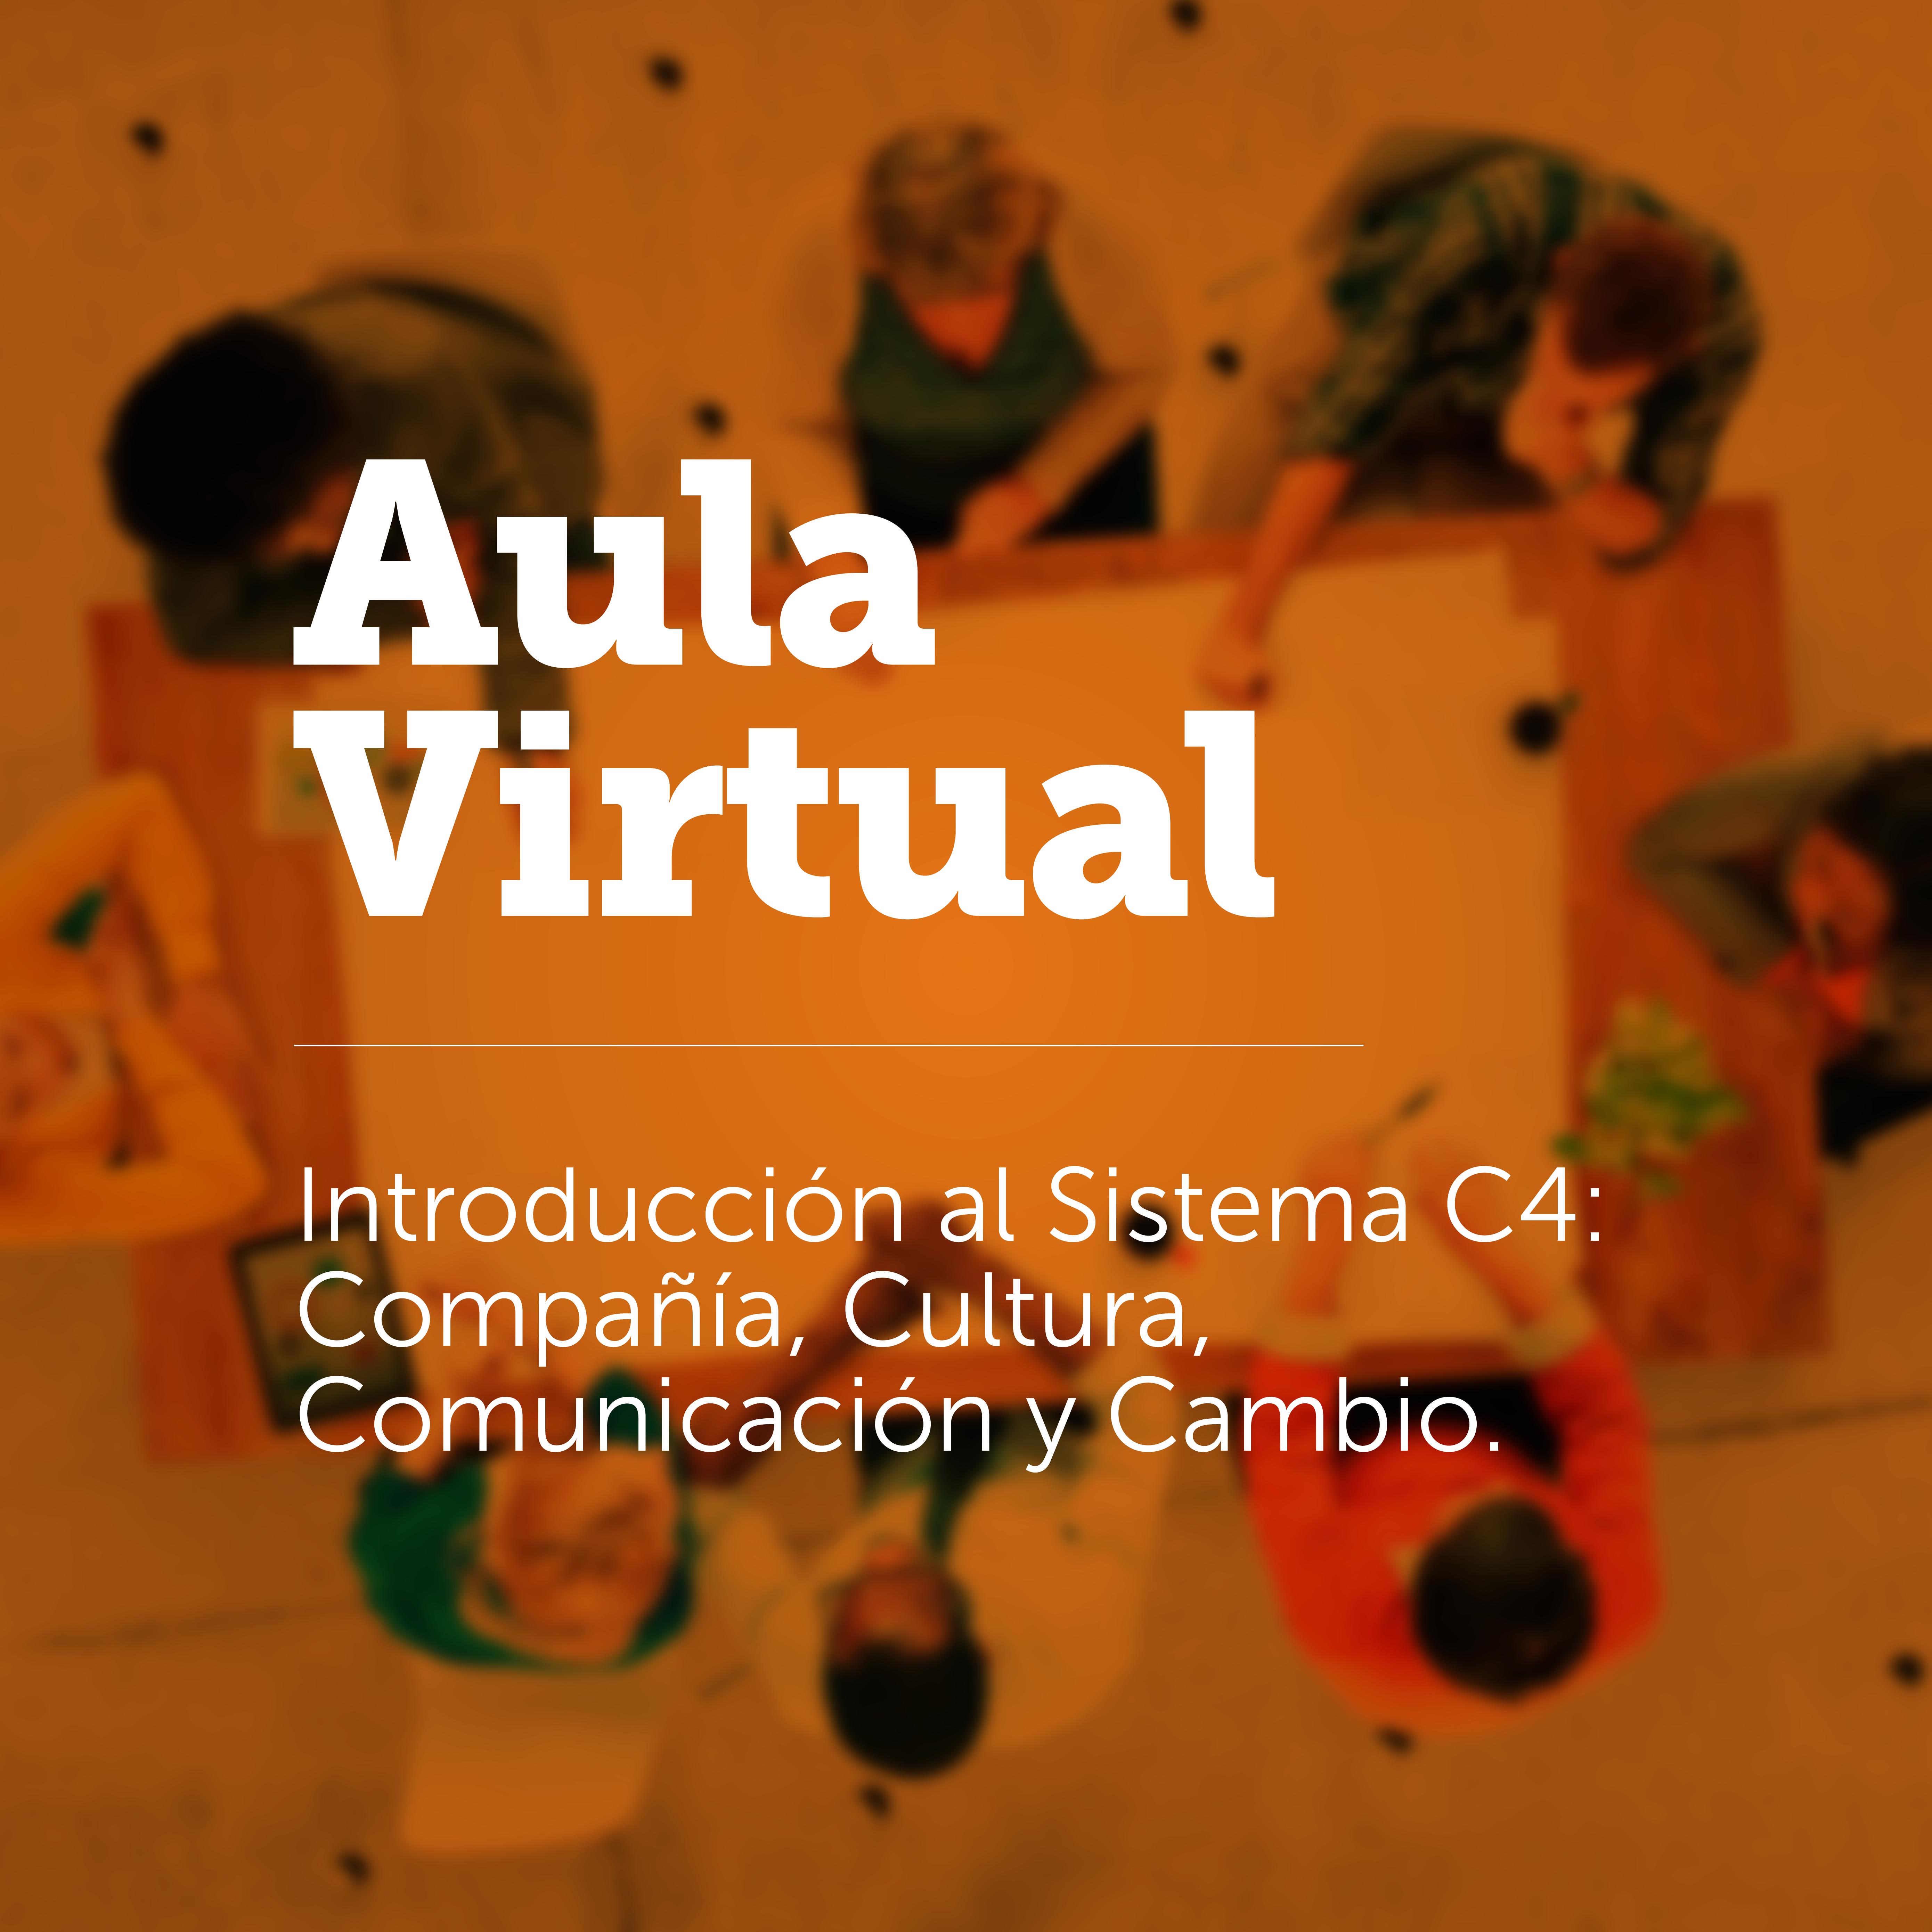 Introducción al Sistema C4: Compañia, Cultura, Comunicación y Cambio